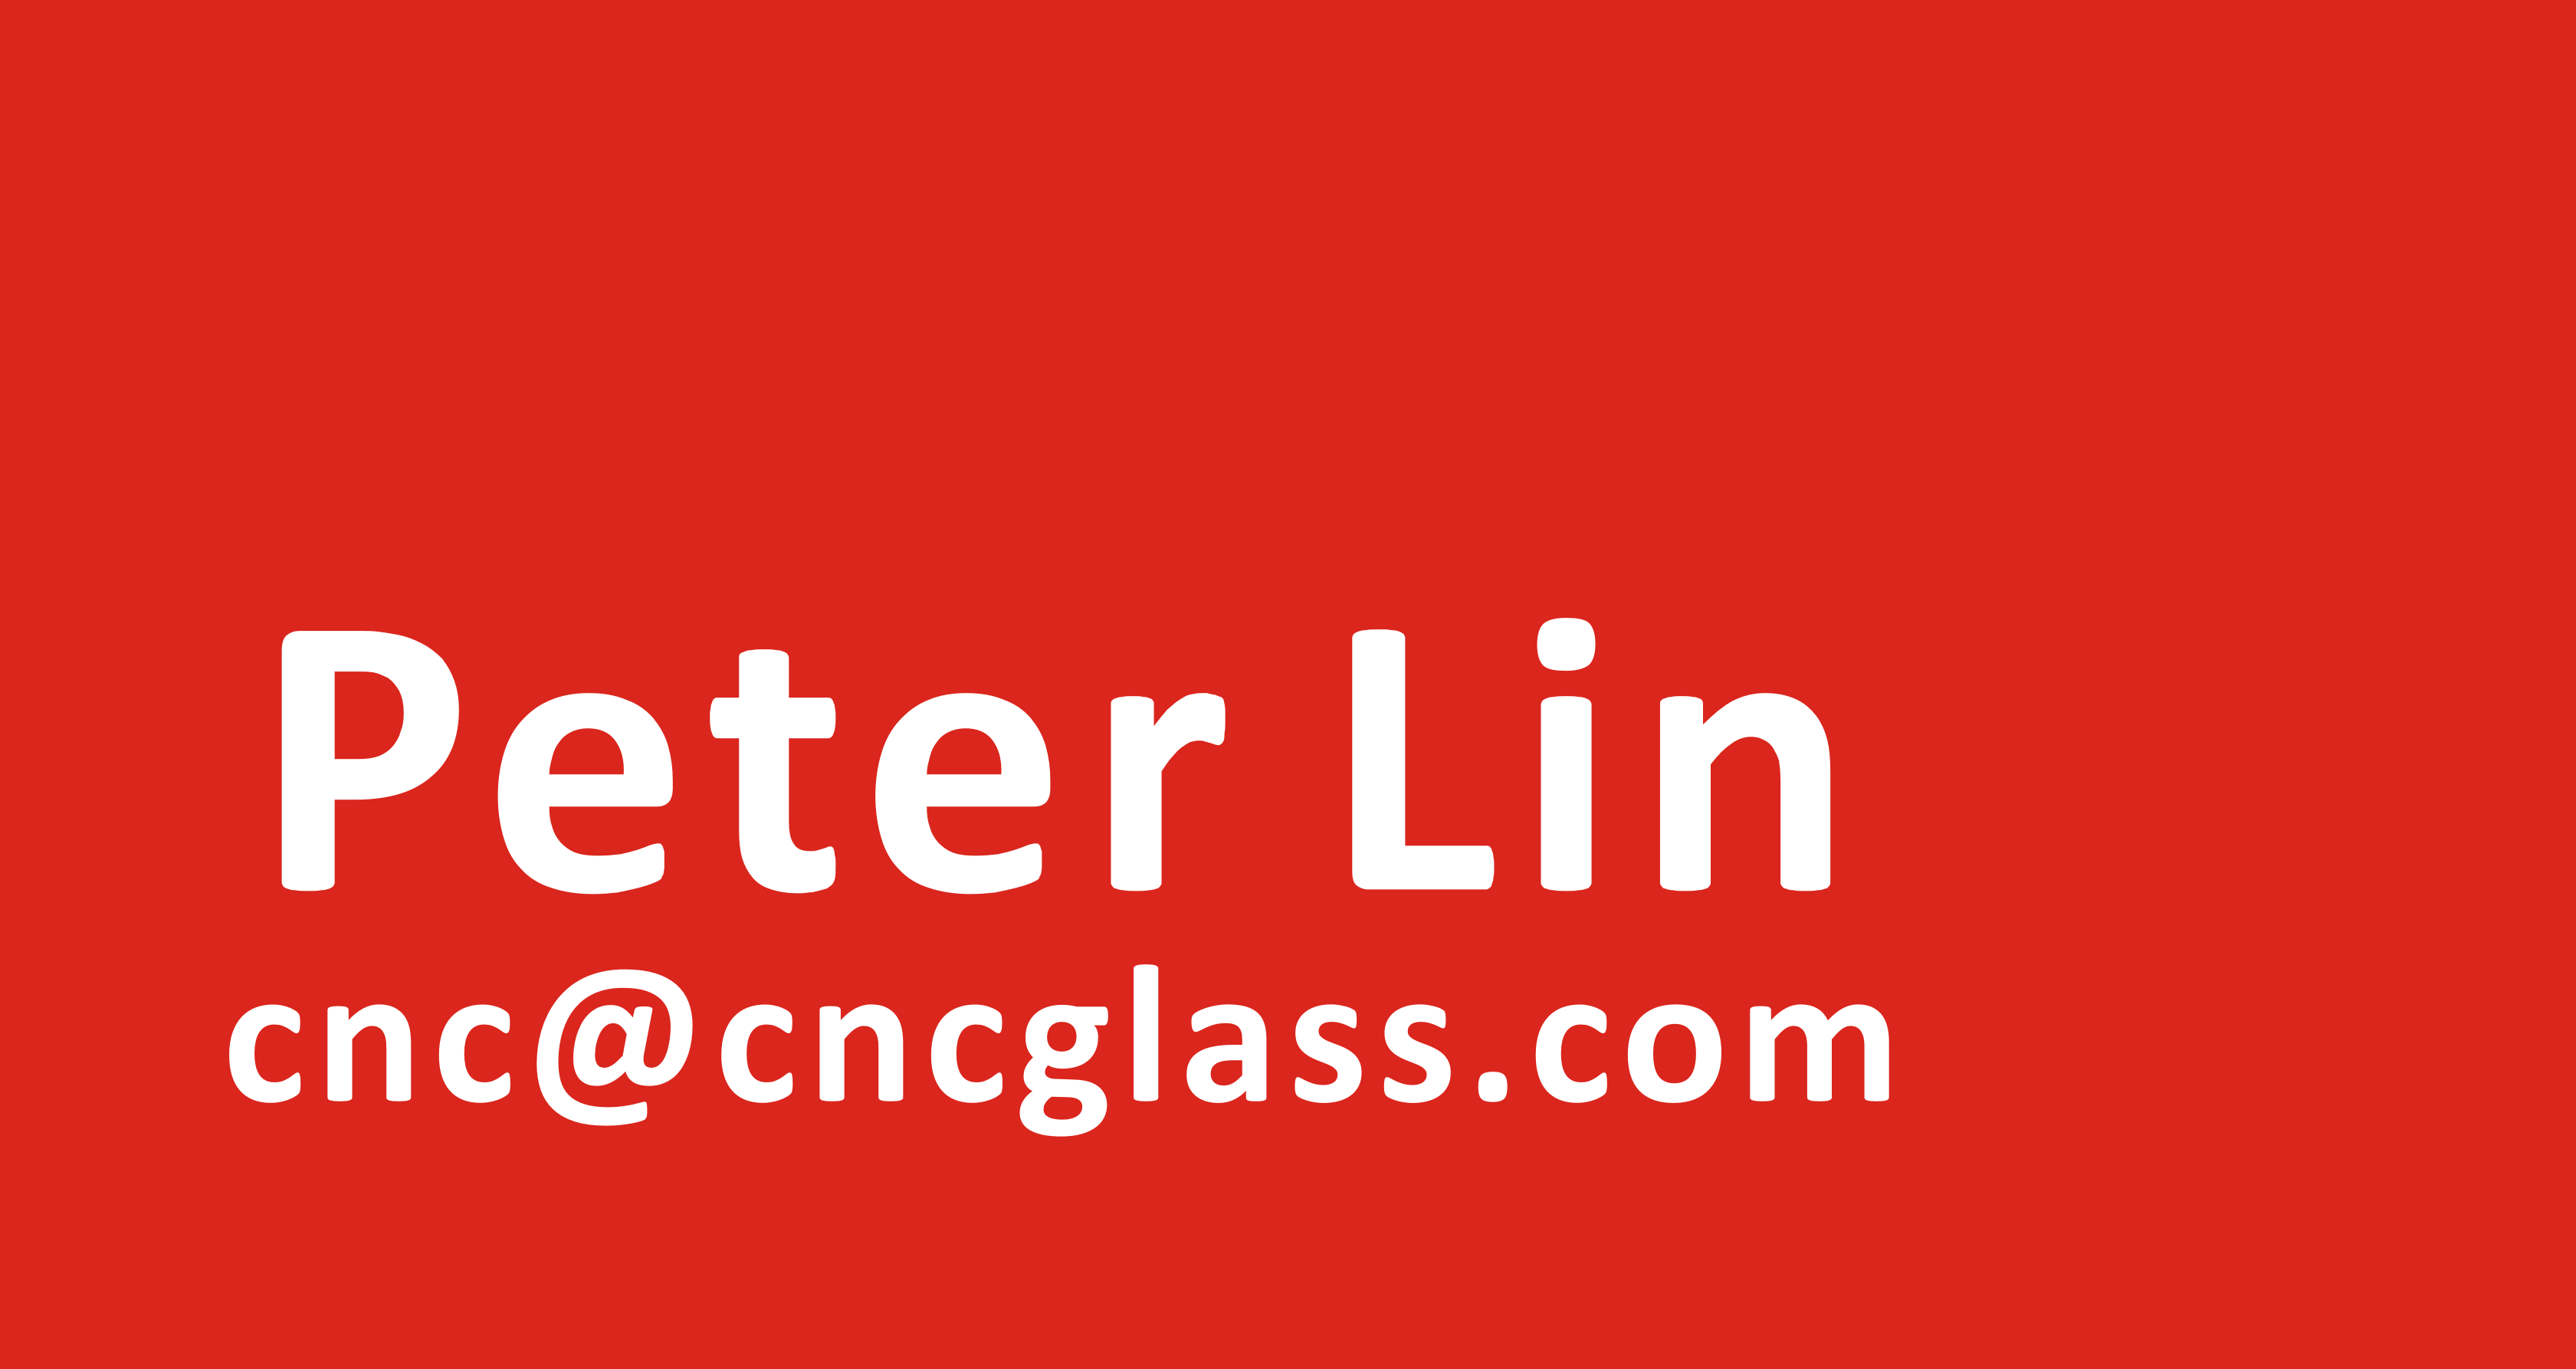 Peter Lin@CNCGLASS